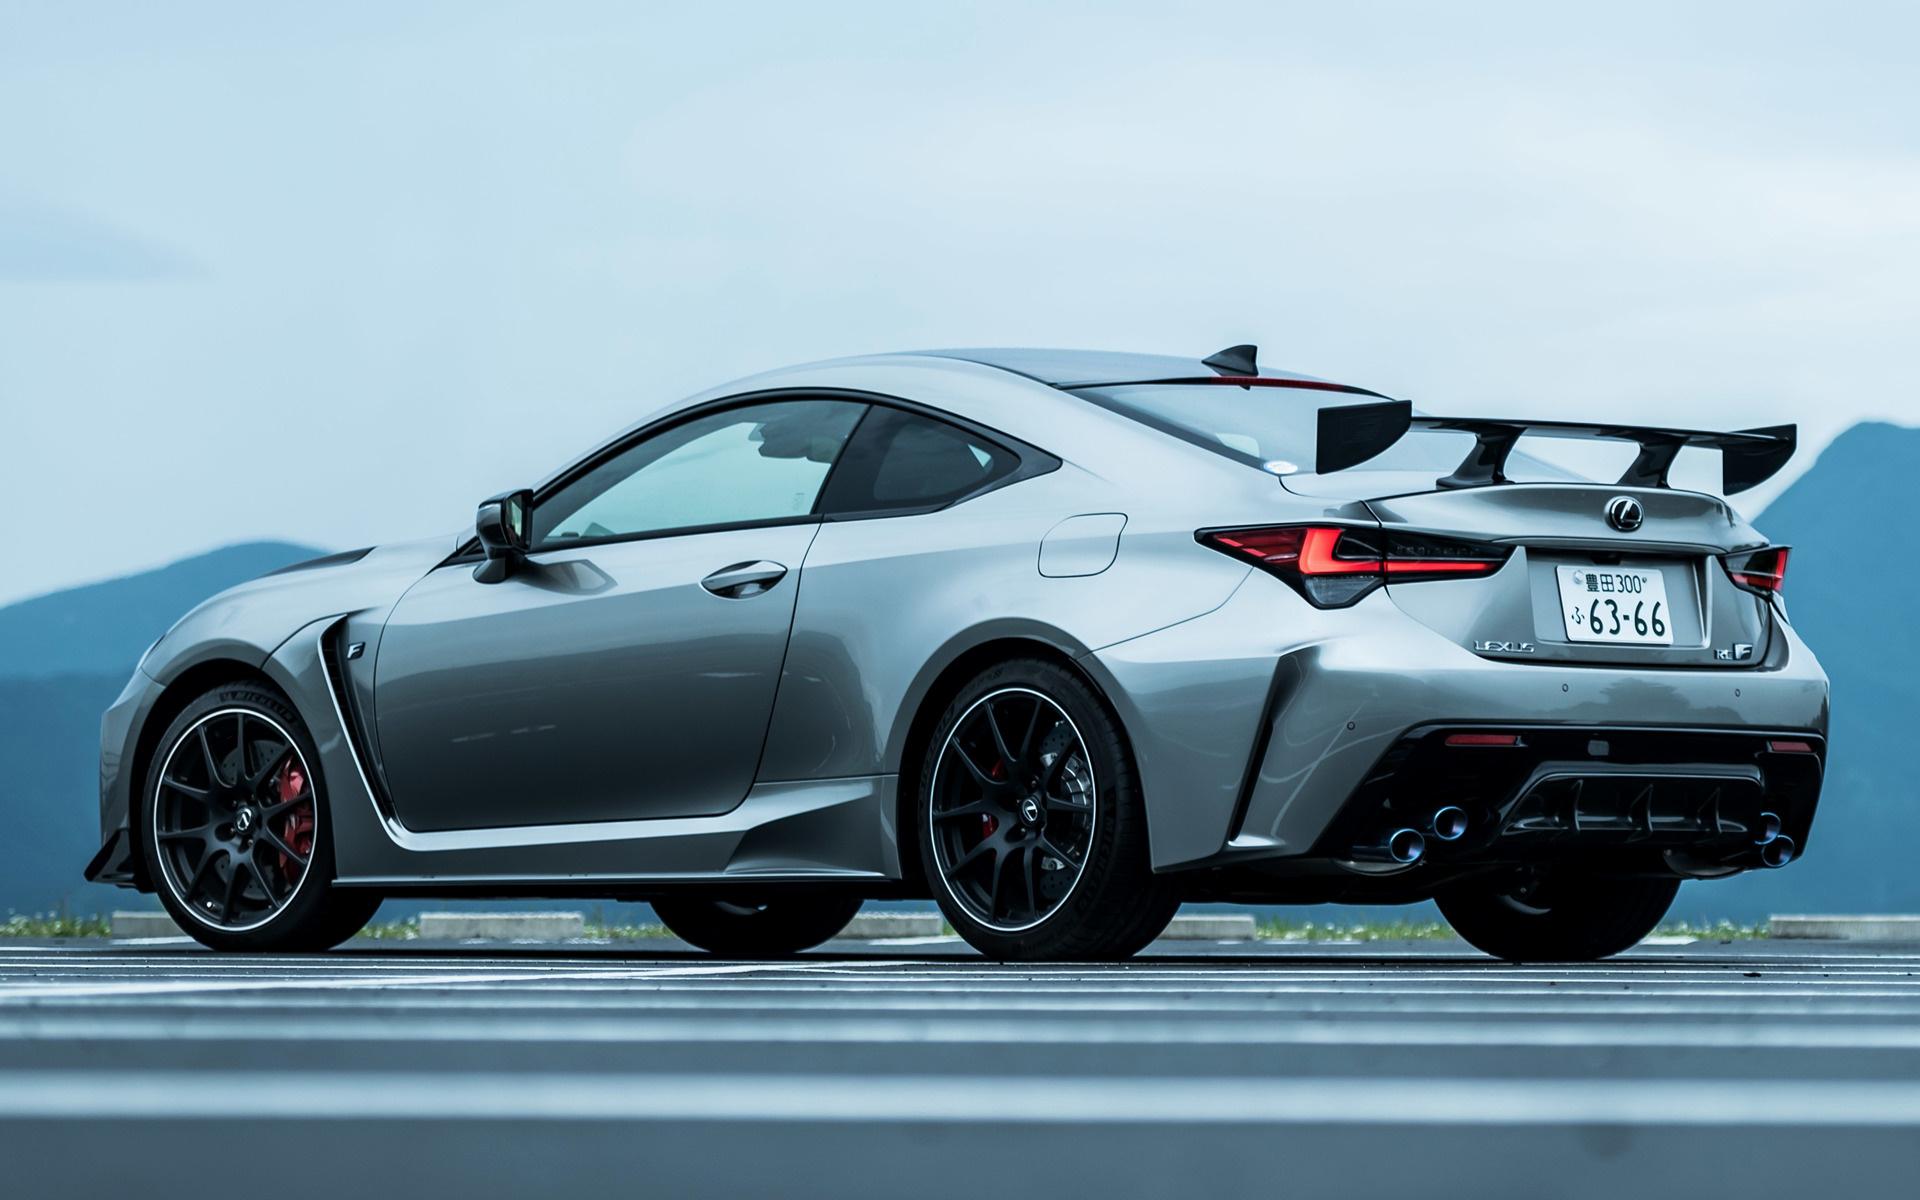 2019 Lexus Rc F Performance Package Jp Fondos De